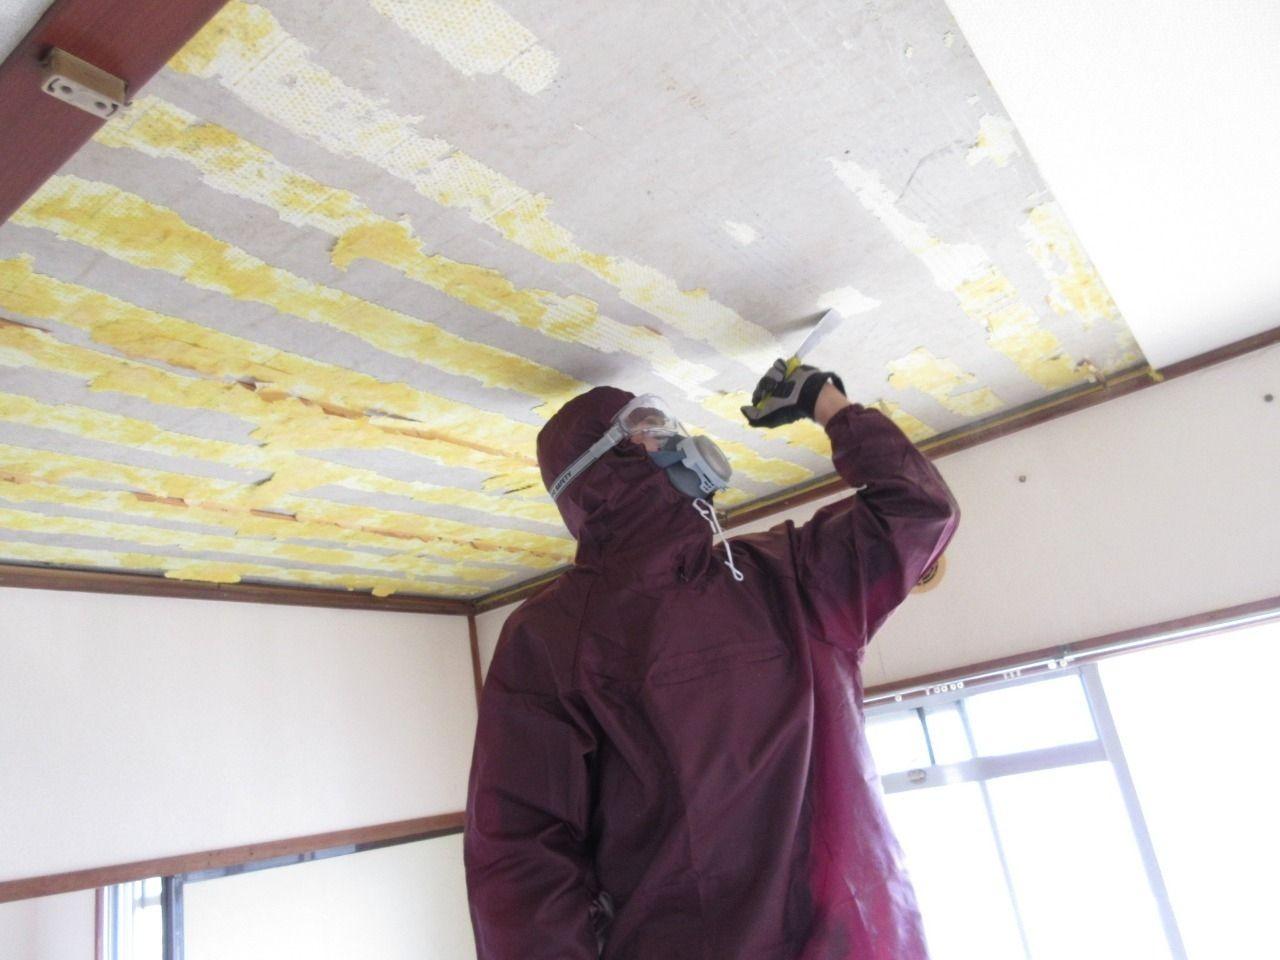 みなさまこんにちは。 作業台が完成して、いざ天井を剥がしてみました。 しかし、かなりの苦戦を強いられています。